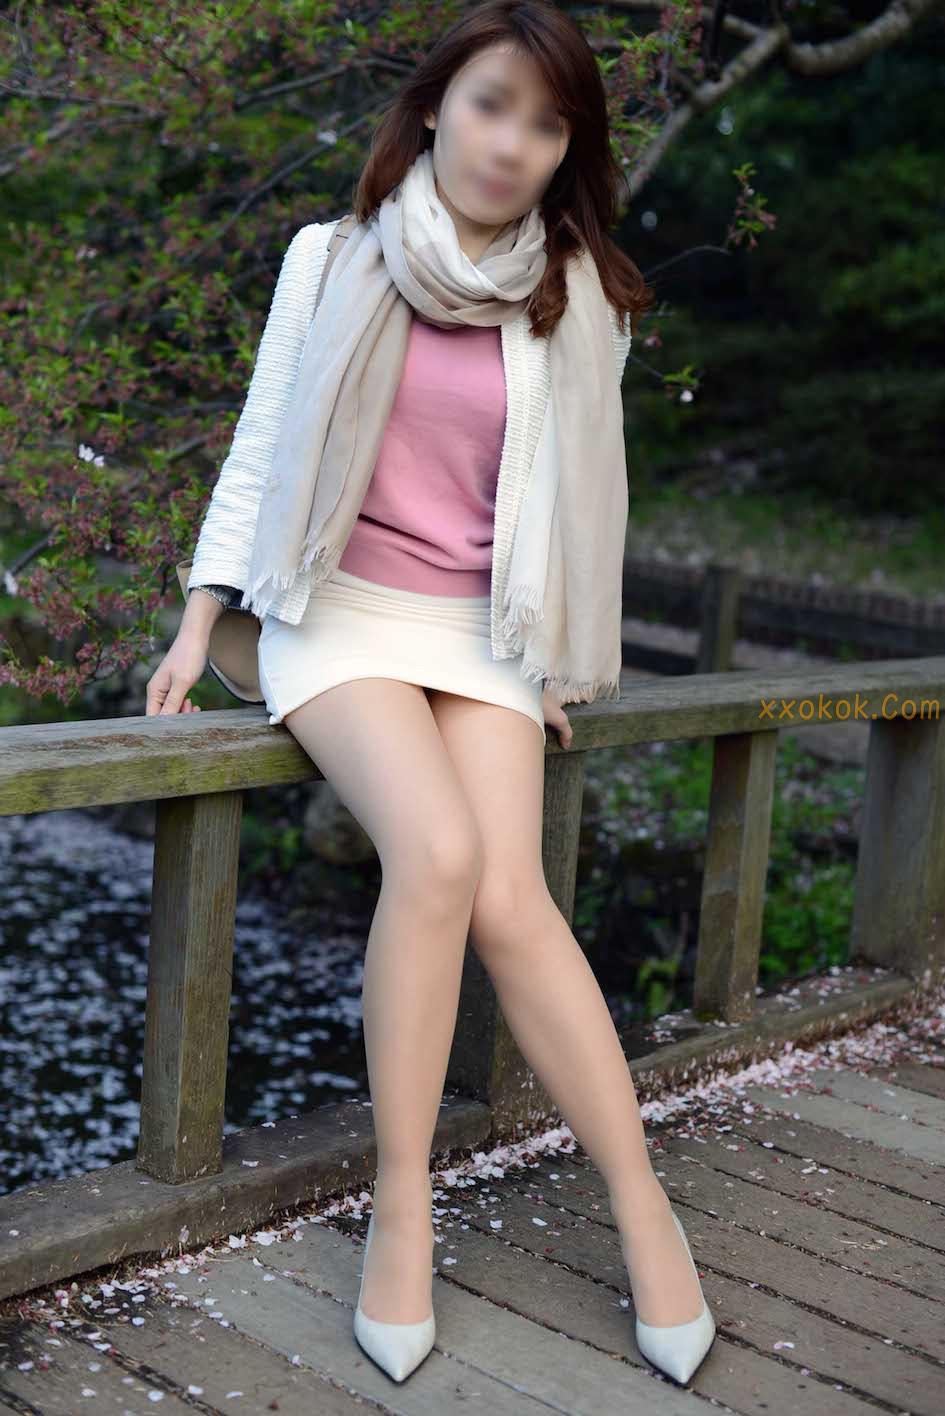 我们单位日本籍的气质美女